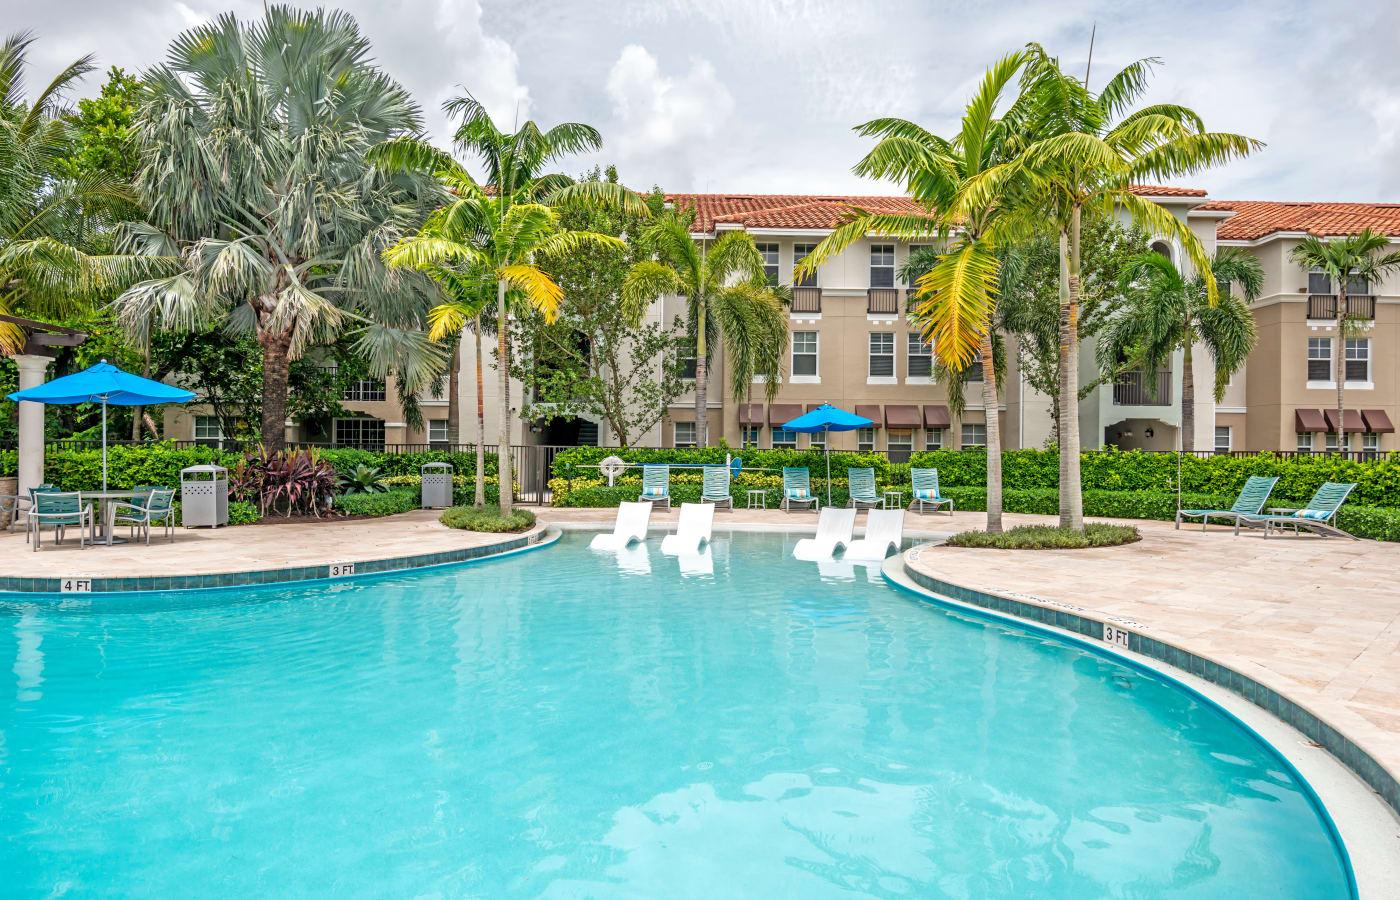 Gorgeous swimming pool at IMT Miramar in Miramar, Florida